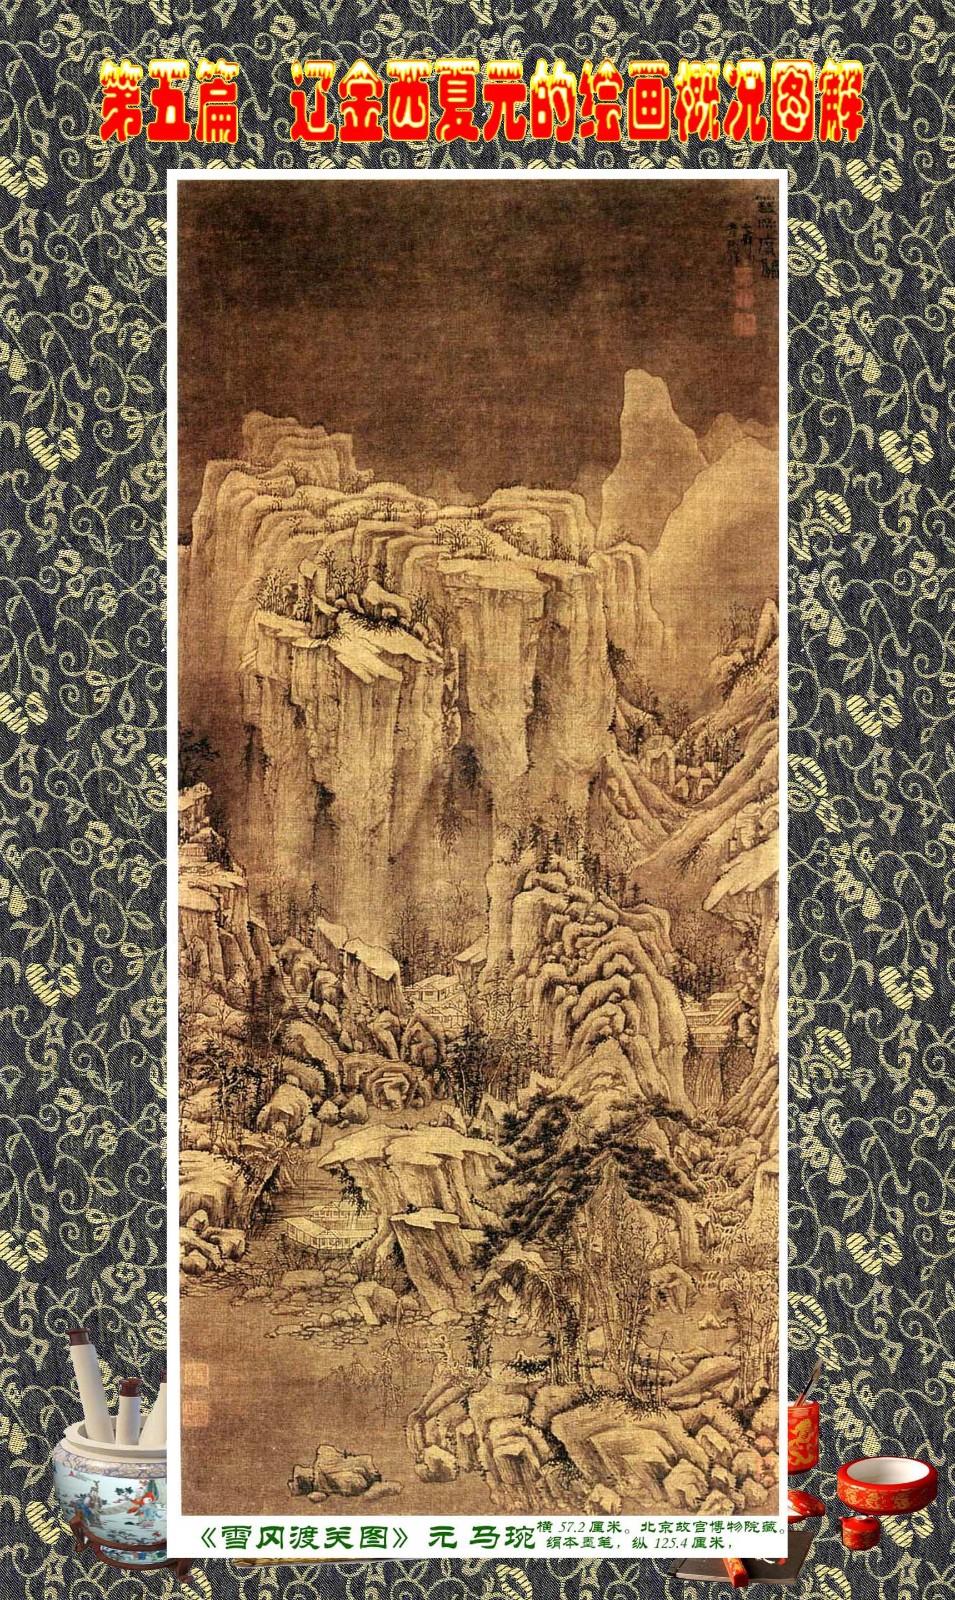 顾绍骅编辑 中国画知识普及版 第五篇 辽金西夏元的绘画概况 下 ... ..._图1-56